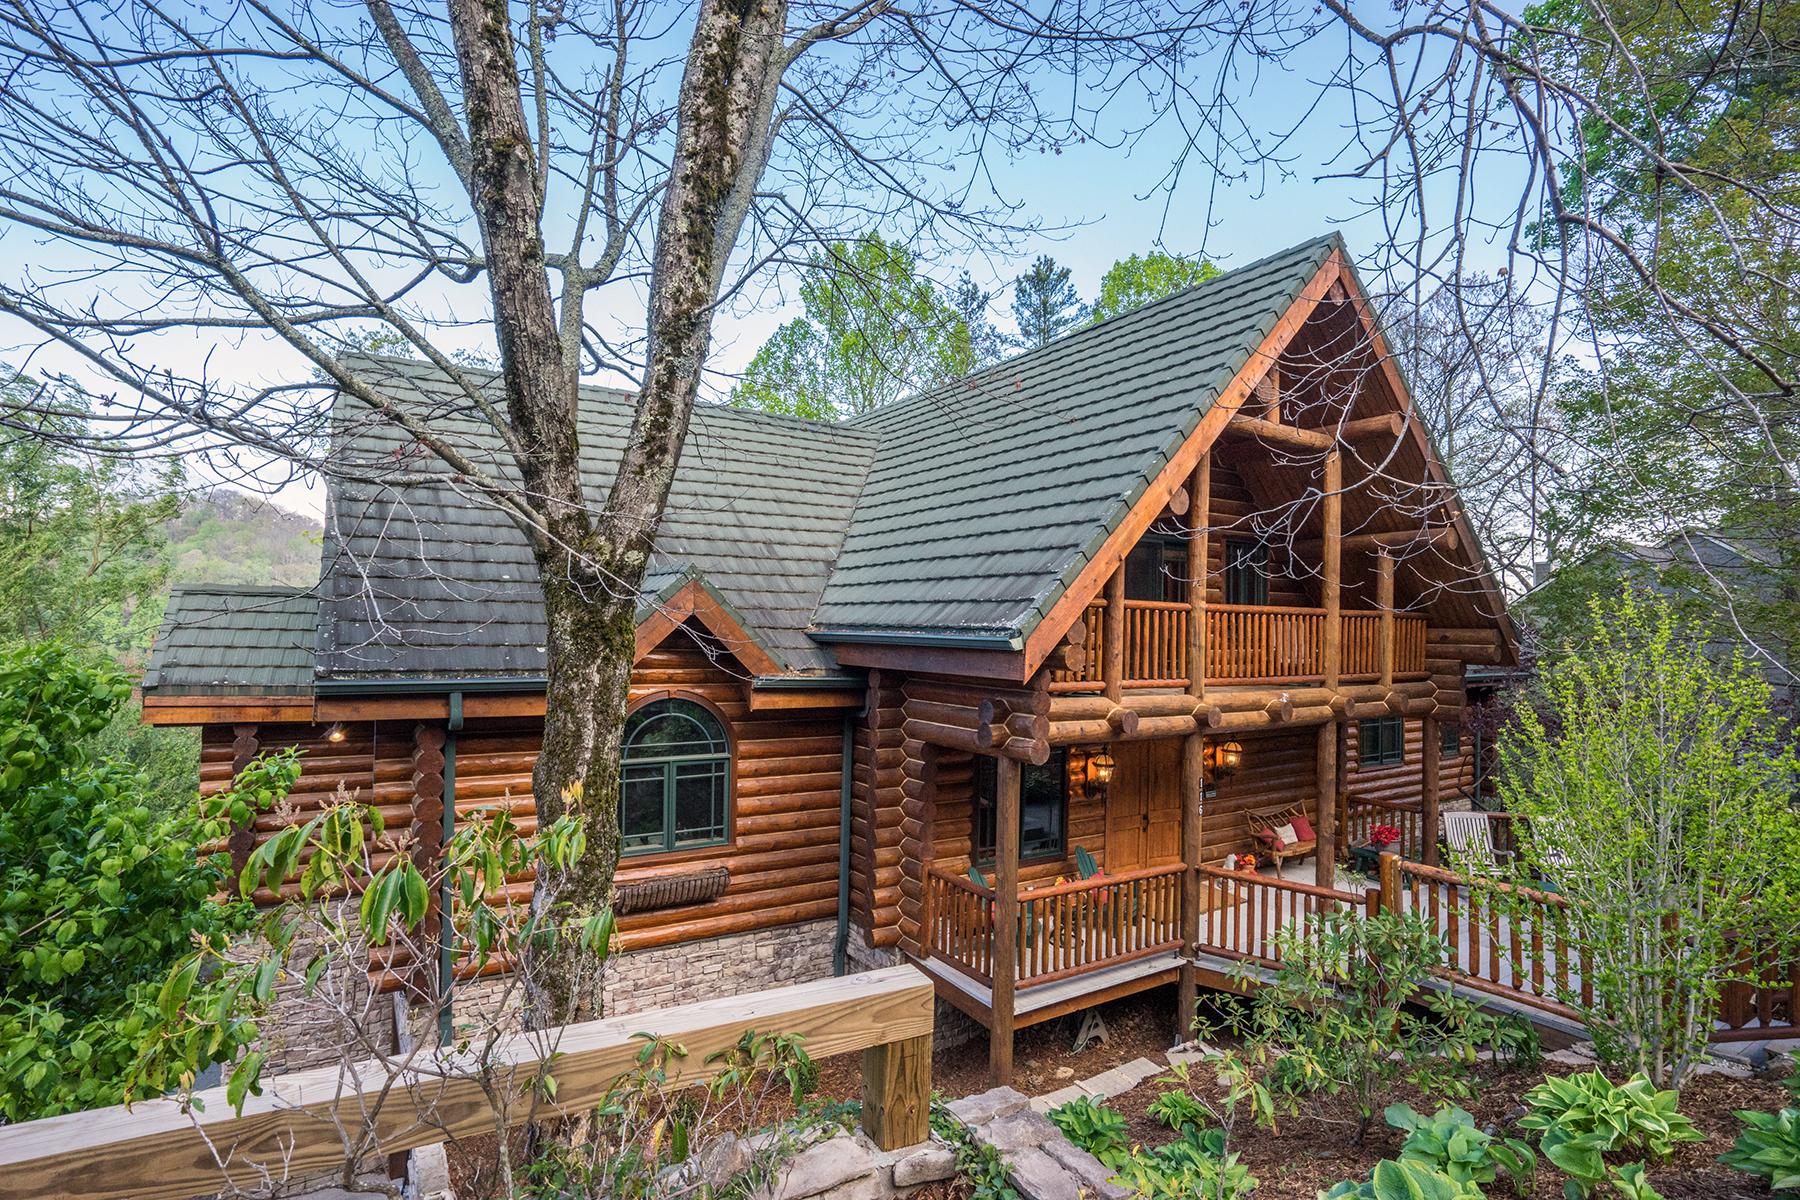 Частный односемейный дом для того Продажа на BLOWING ROCK - MISTY MOUNTAIN 116 Old Hickory Ln, Blowing Rock, Северная Каролина, 28605 Соединенные Штаты